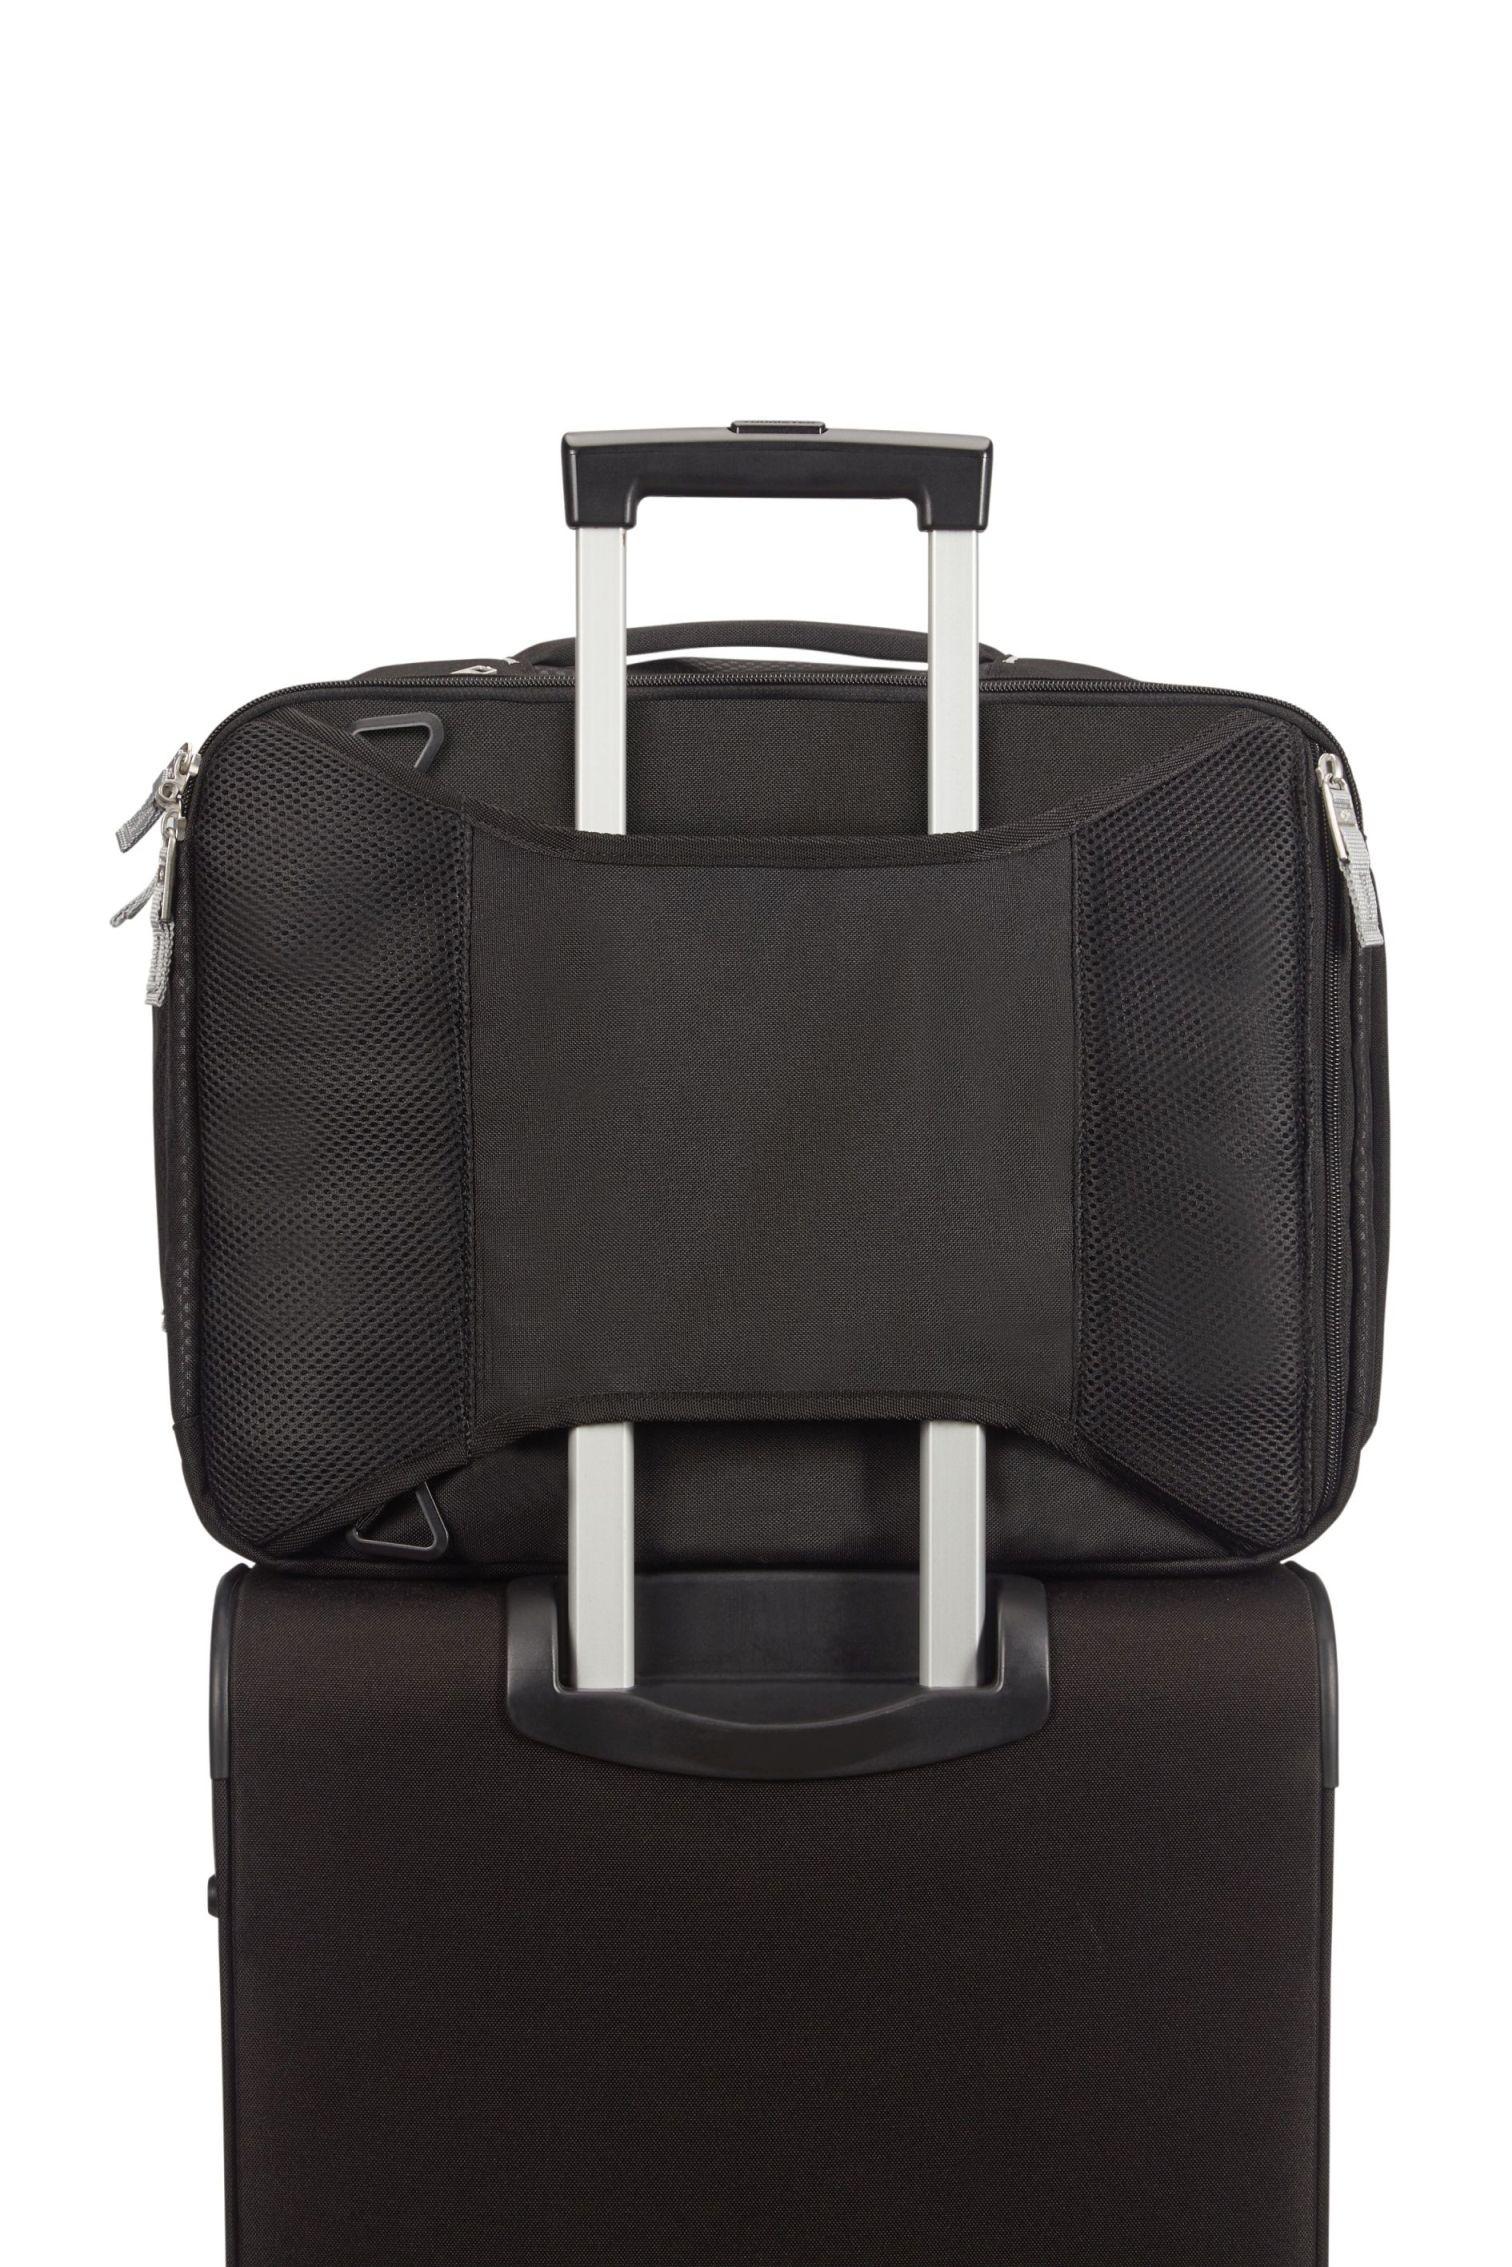 Samsonite Sonora 3-Way Shoulder Bag EXP, View 11